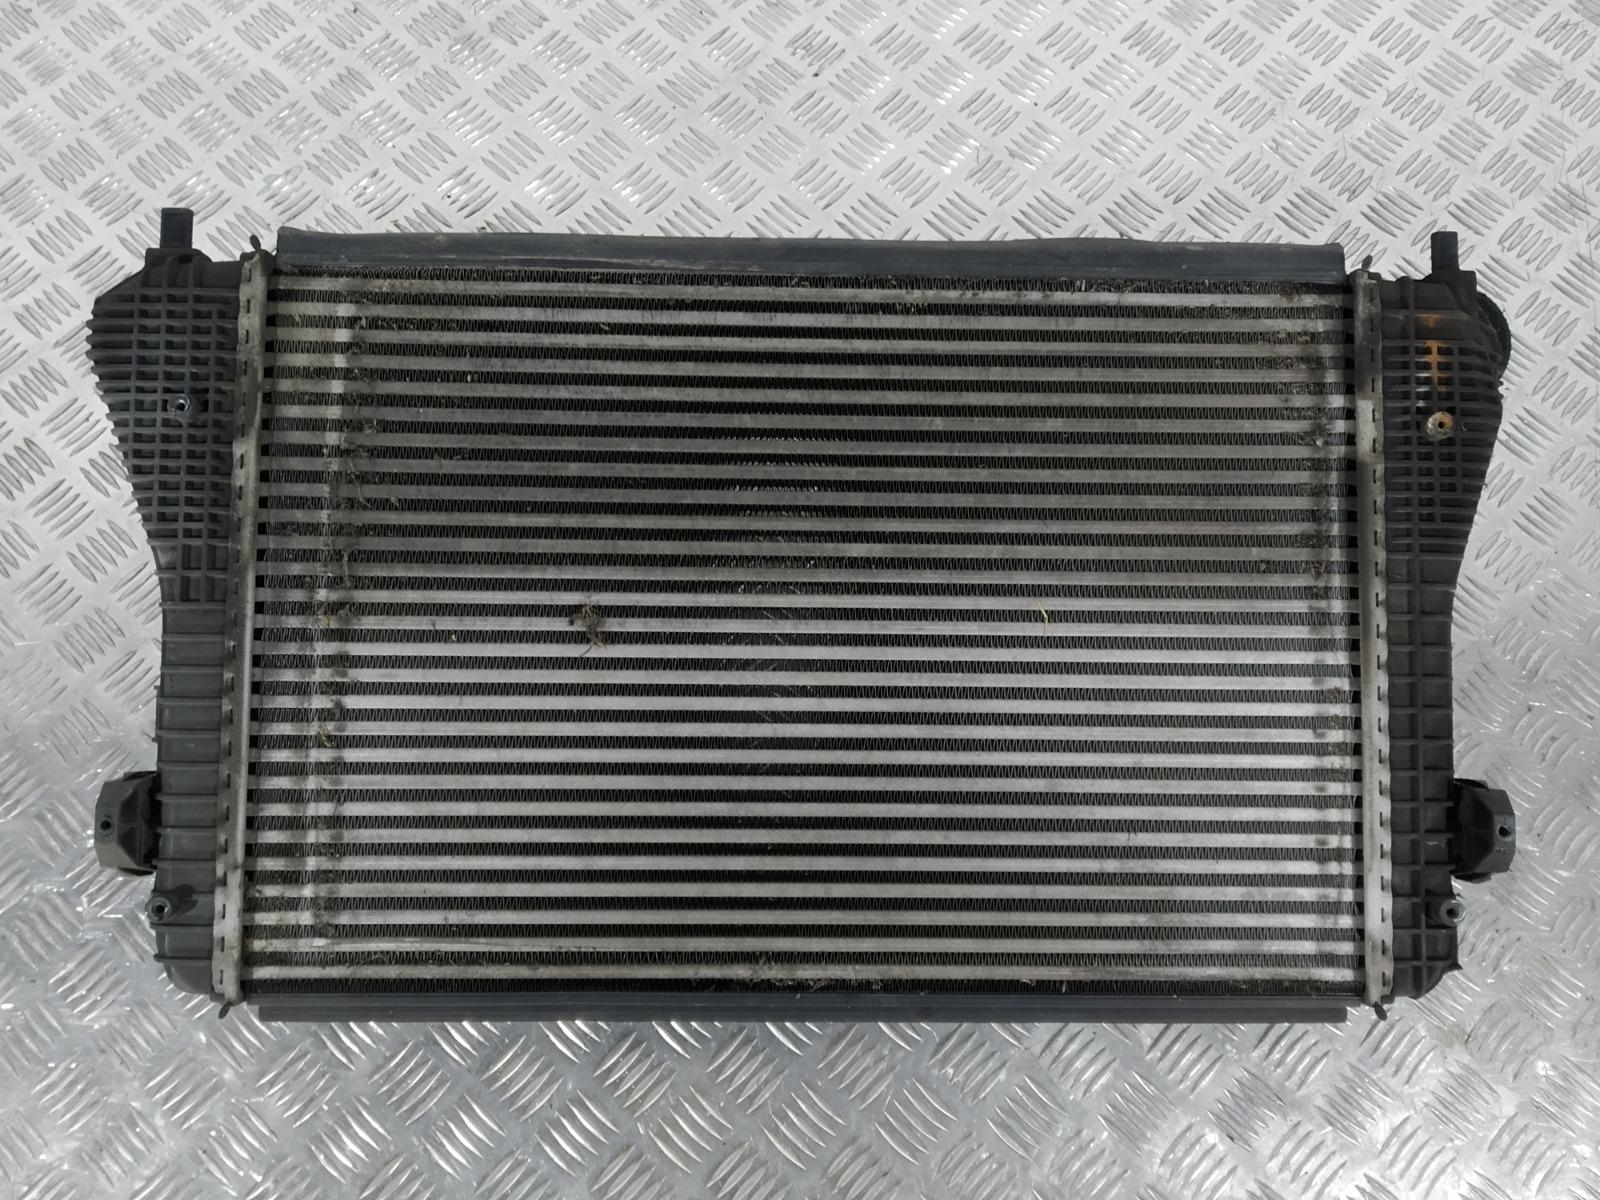 Интеркулер Seat Altea 1.9 TDI 2006 (б/у)